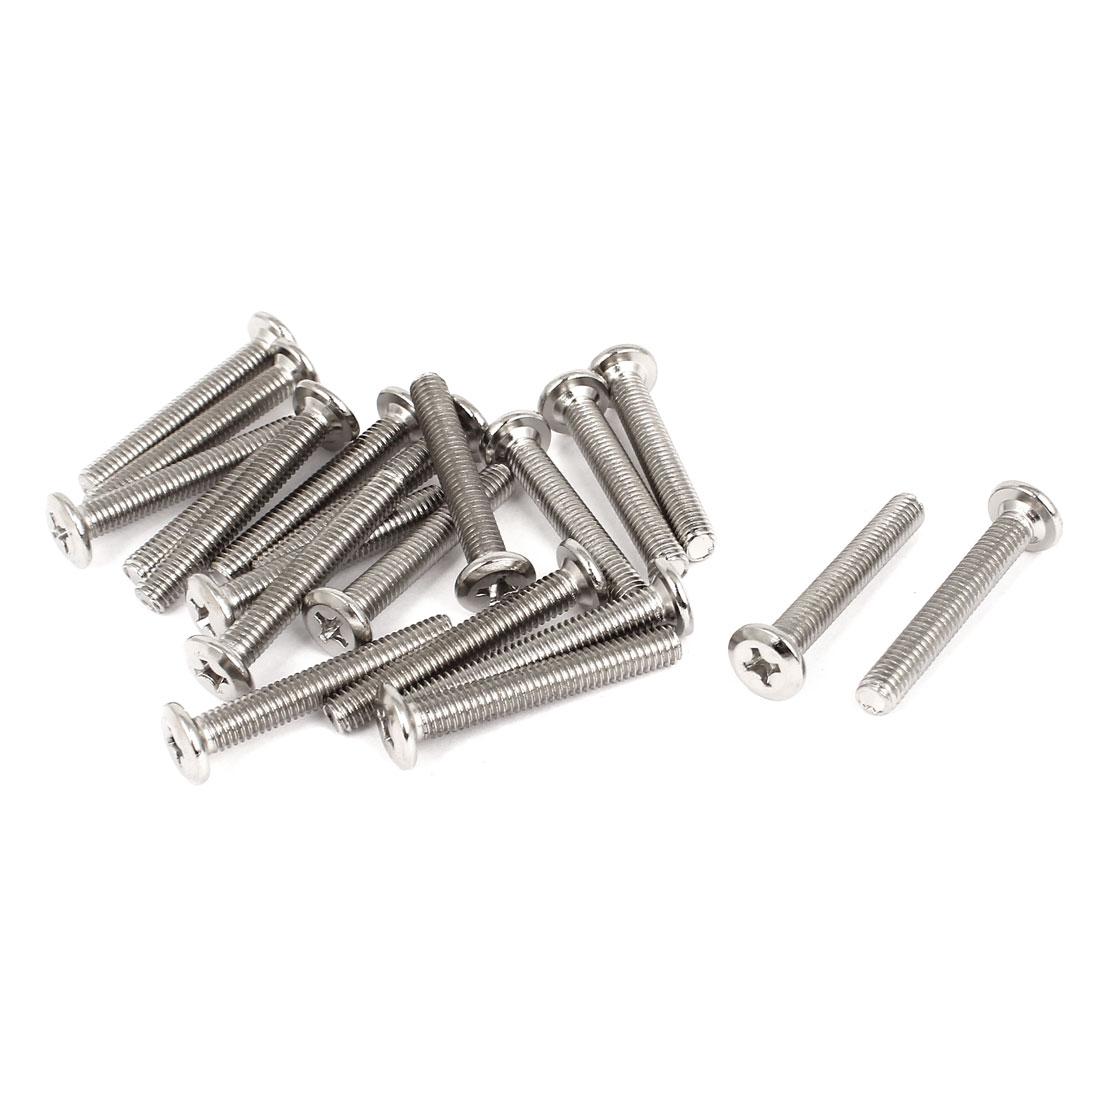 Furniture Hardware Phillips Socket Countersunk Head Screw Bolts M6x40mm 20 Pcs